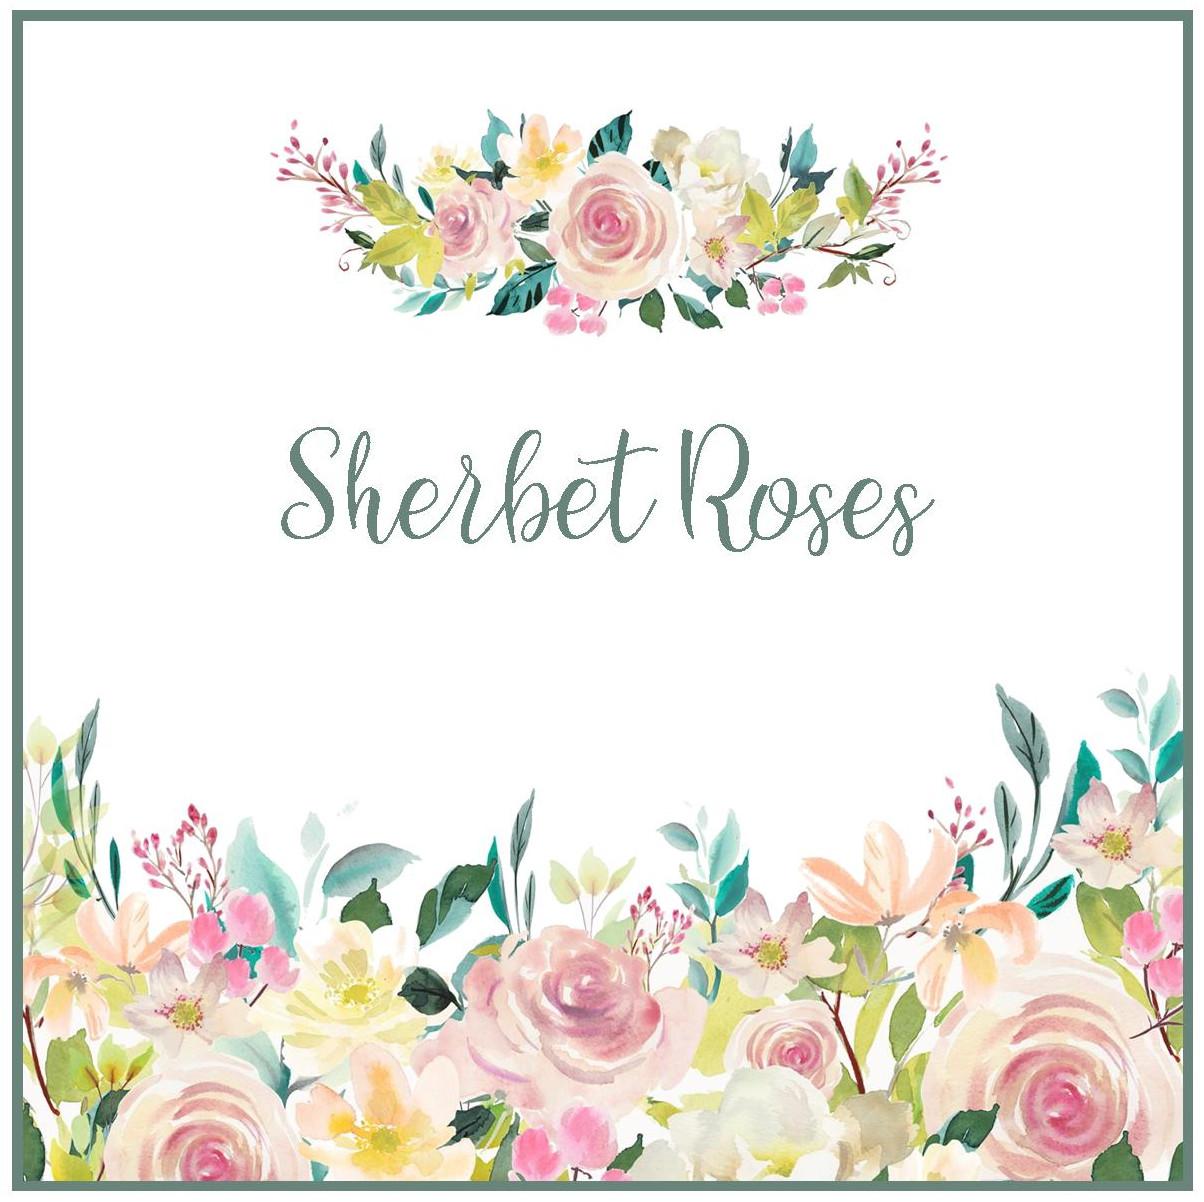 Sherbet Roses.jpg